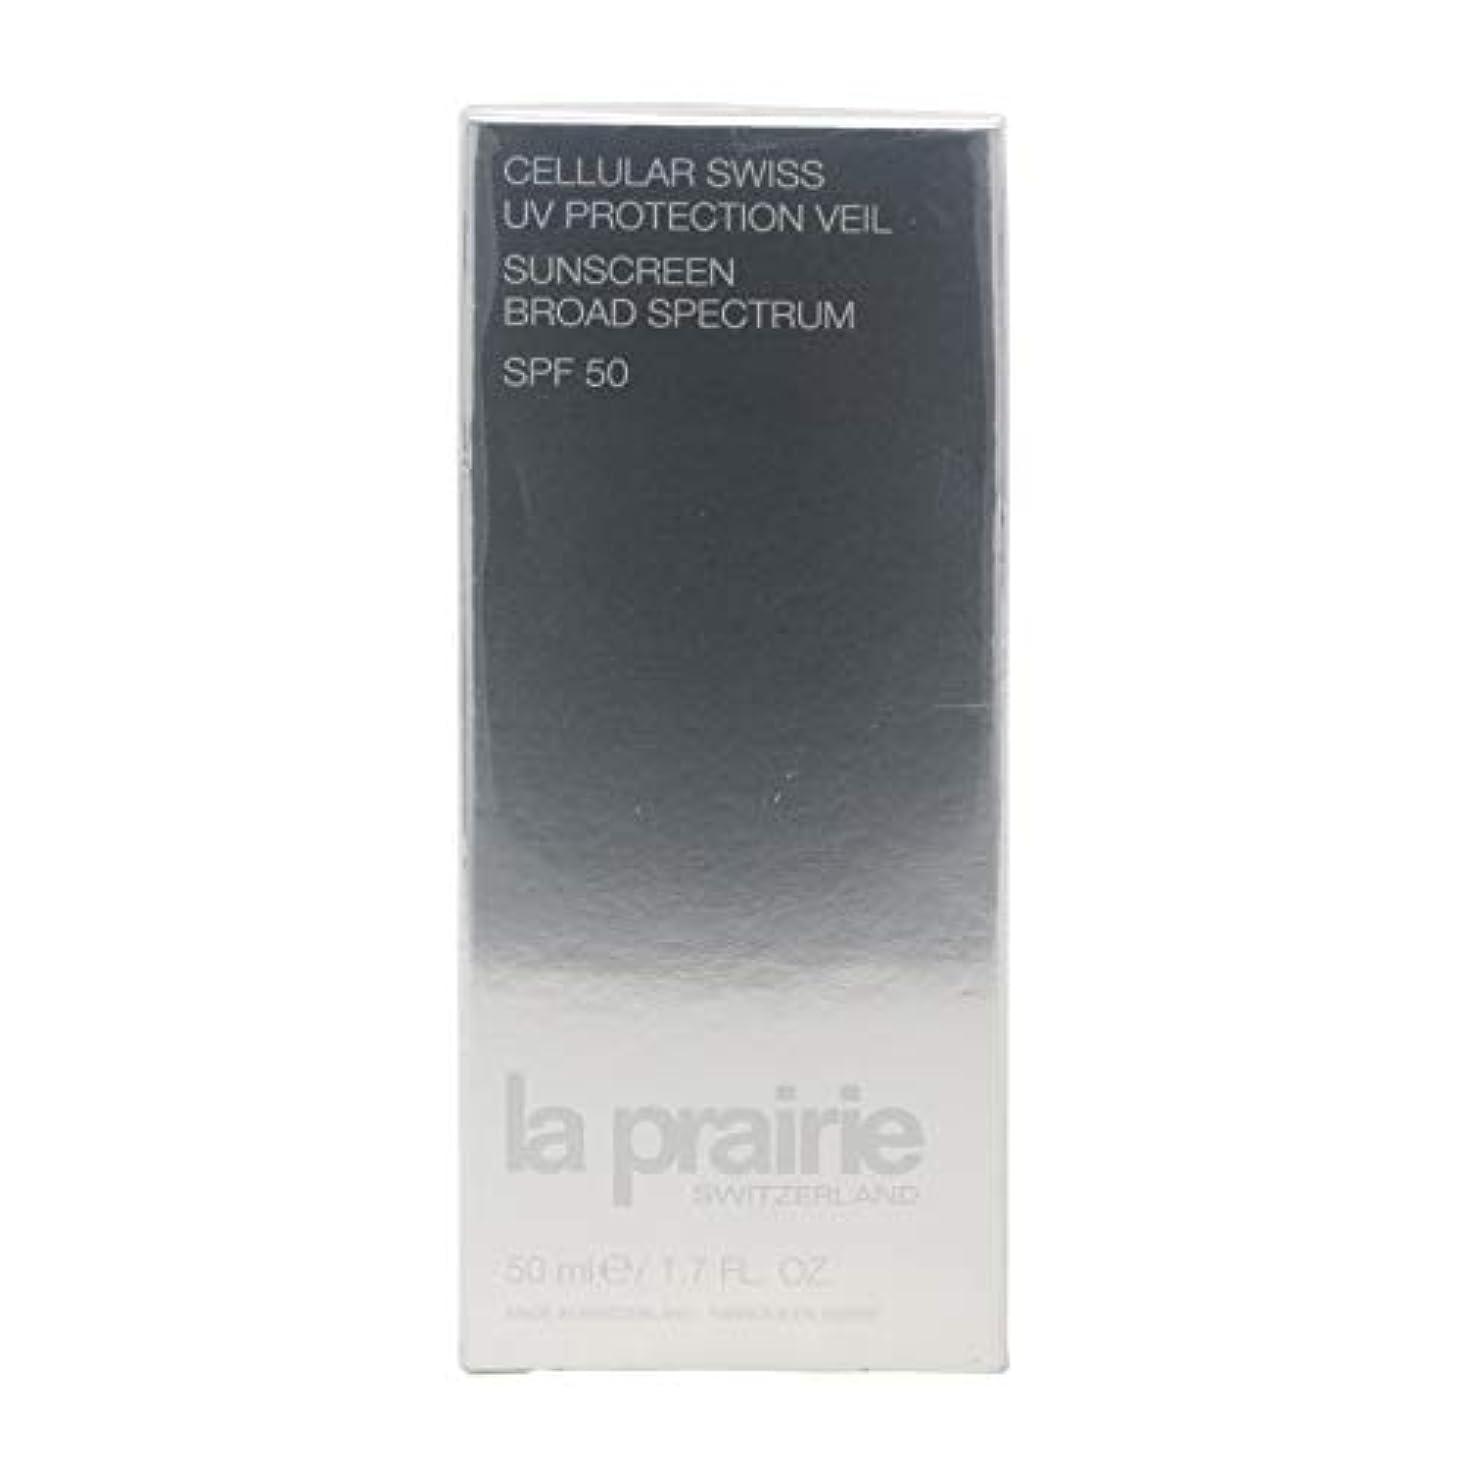 教える大聖堂舗装ラプレリー Cellular Swiss UV Protection Veil SPF50 50ml/1.7oz並行輸入品